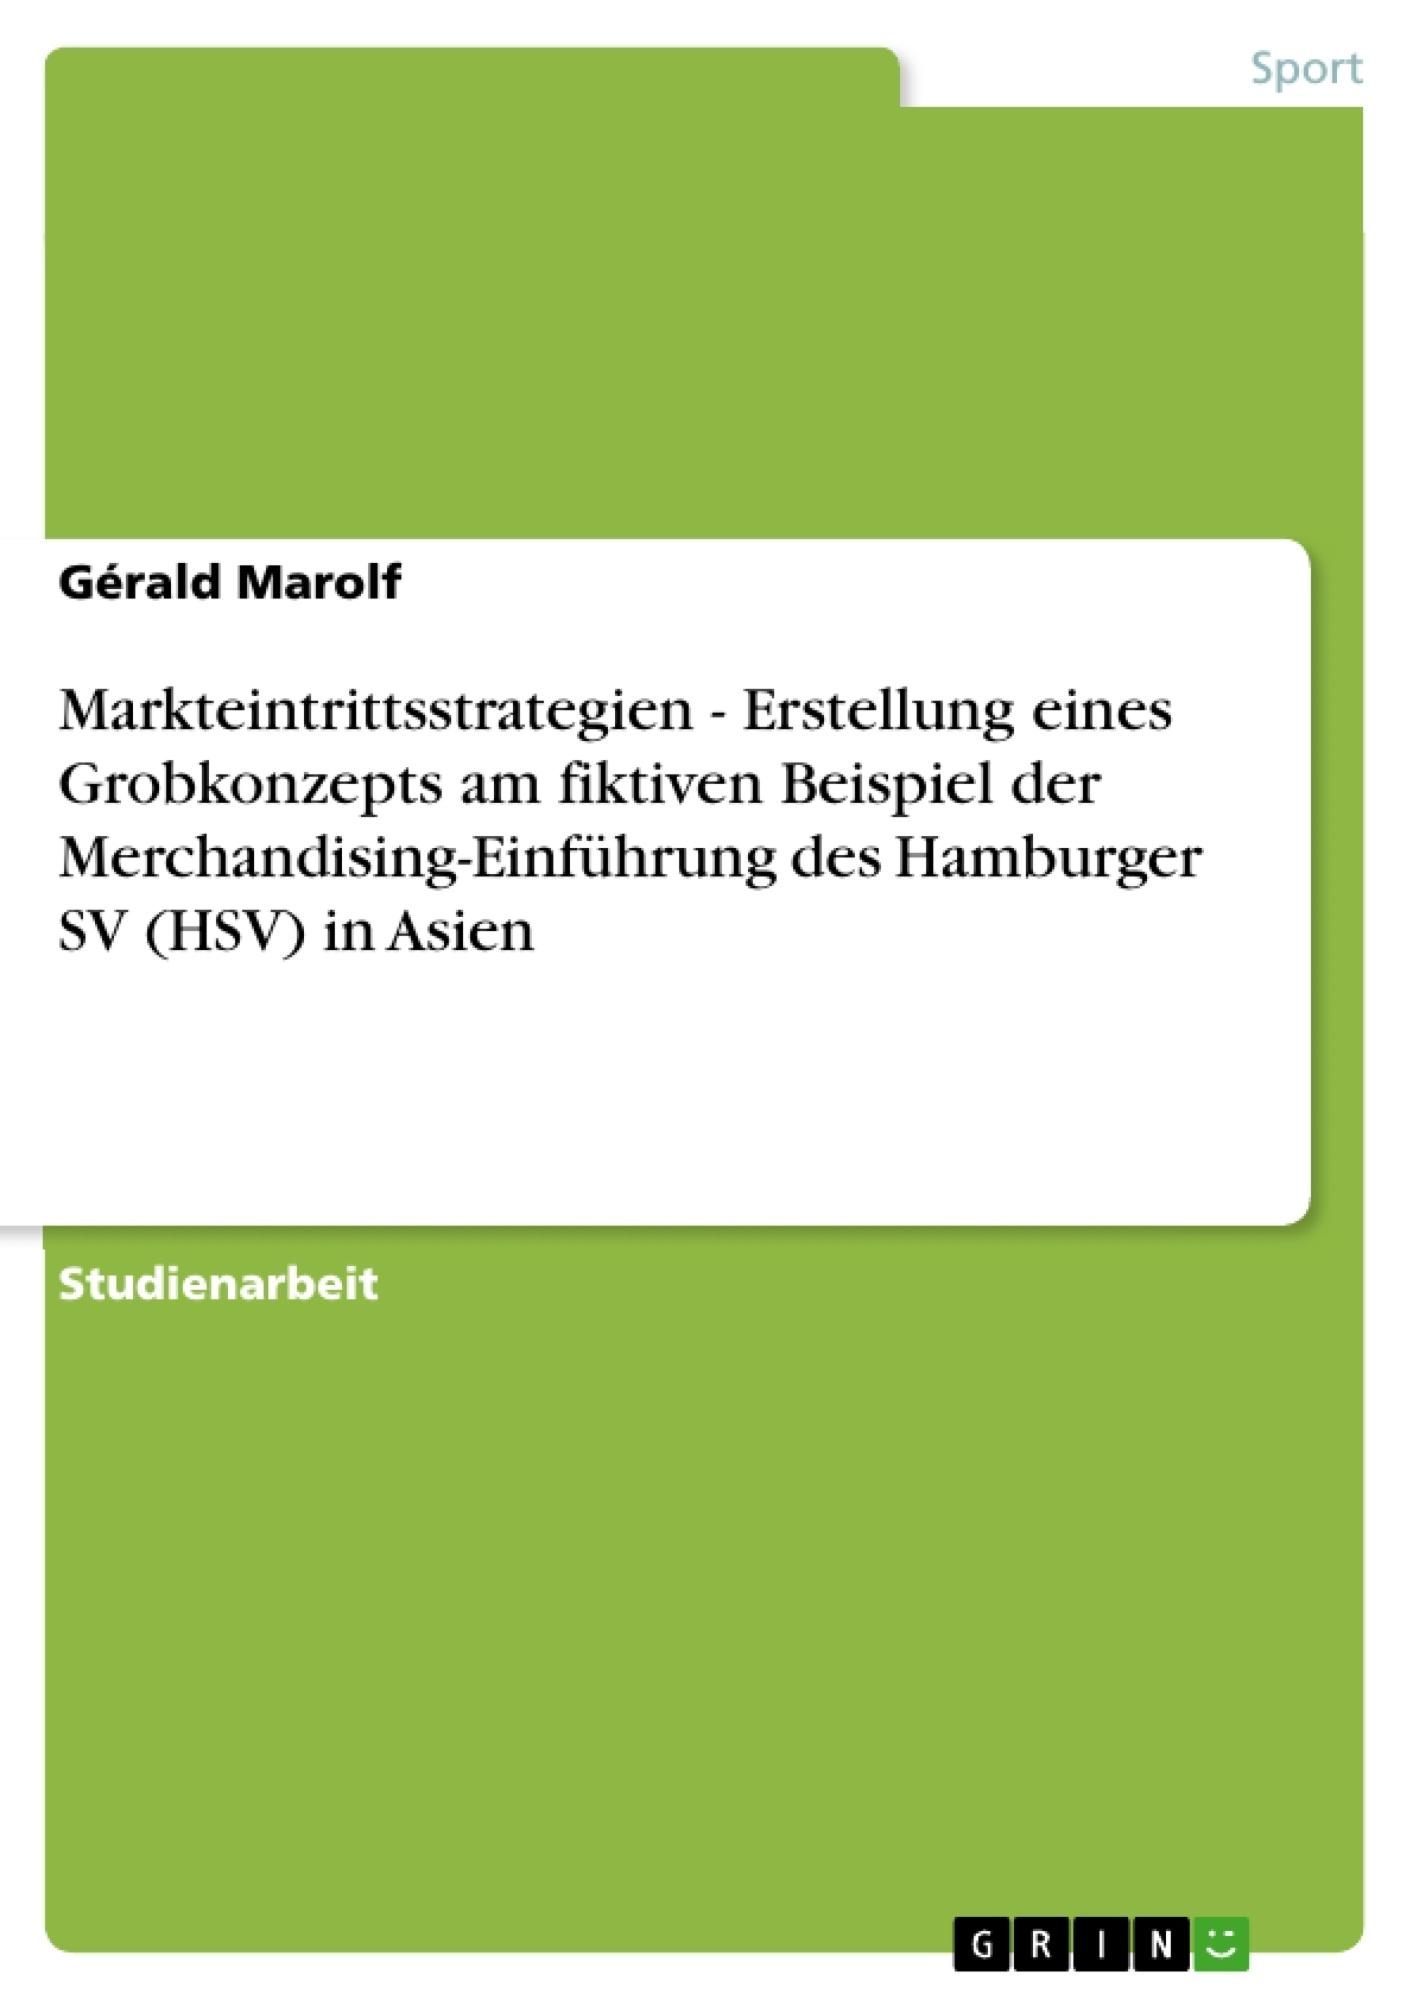 Titel: Markteintrittsstrategien - Erstellung eines Grobkonzepts am fiktiven Beispiel der Merchandising-Einführung des Hamburger SV (HSV) in Asien